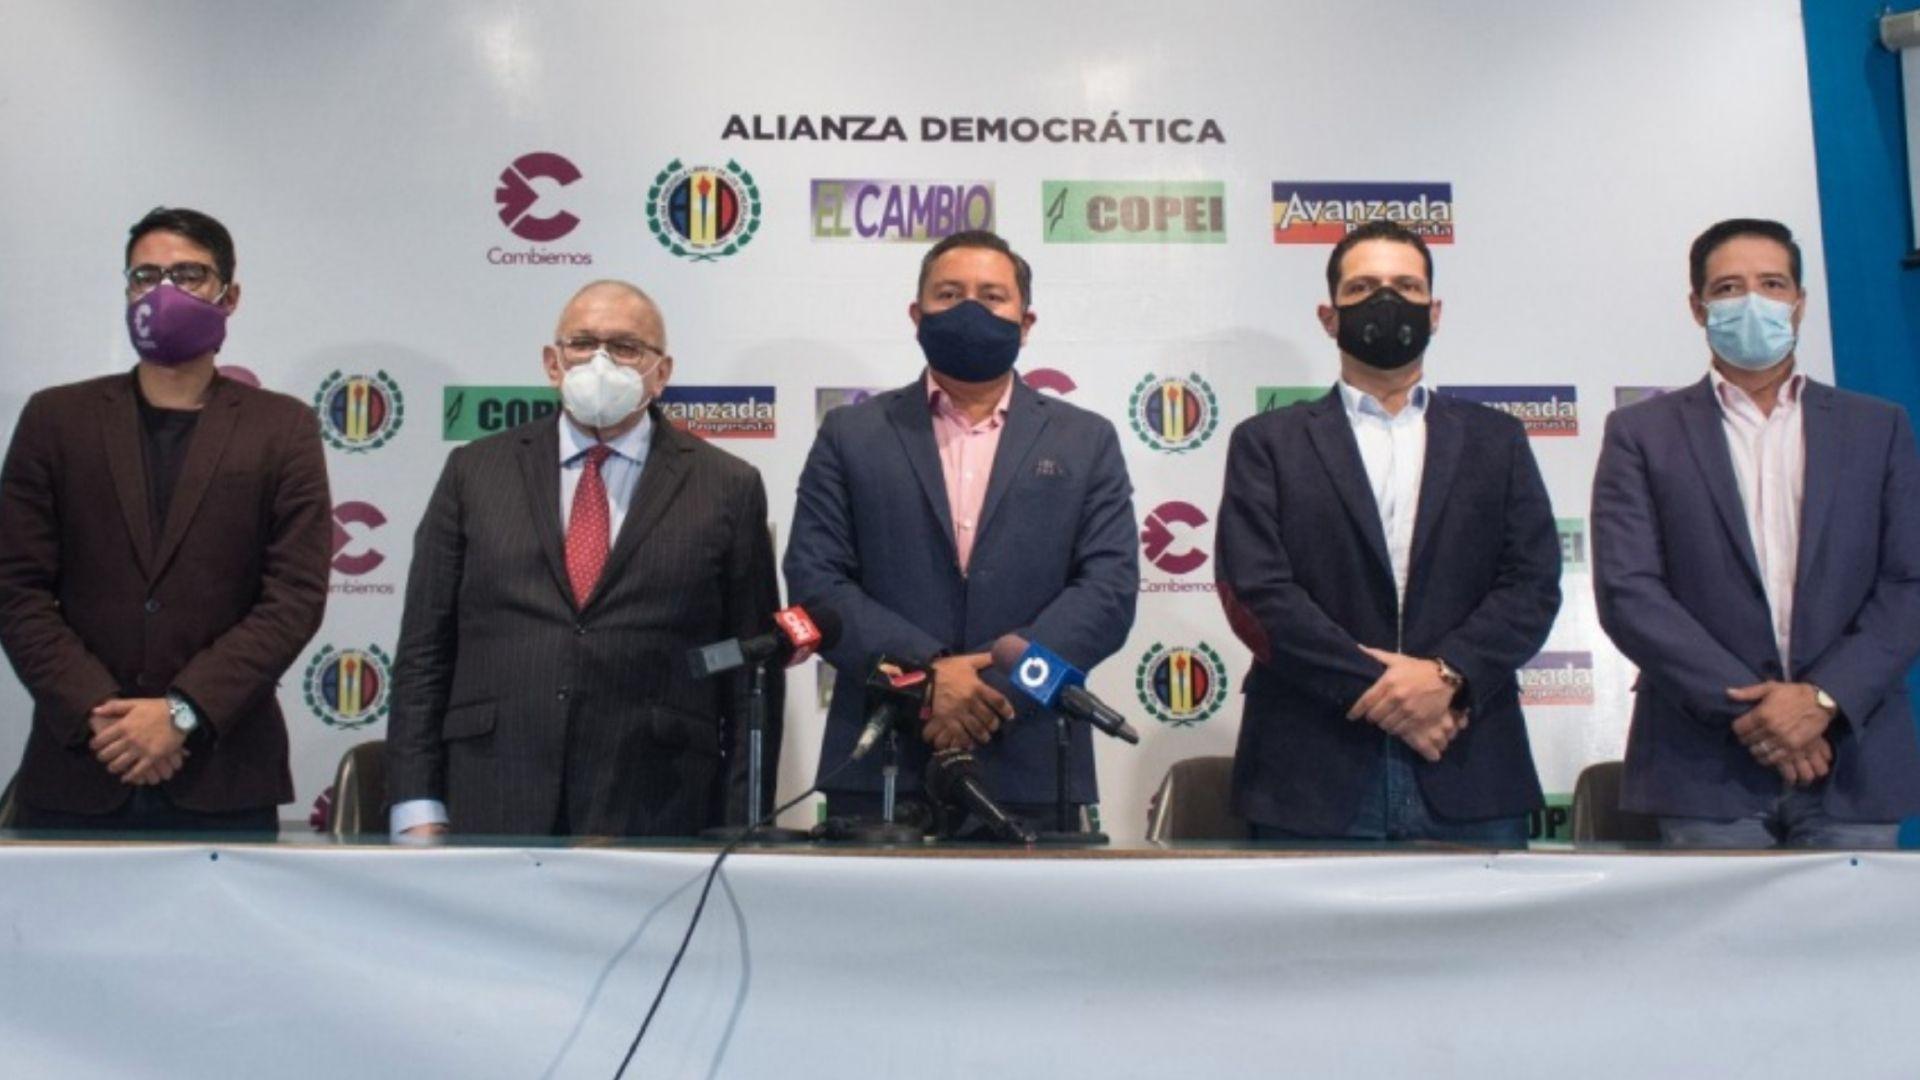 """La """"Alianza Democrática"""" presenta su lista de candidatos por el estado Zulia"""